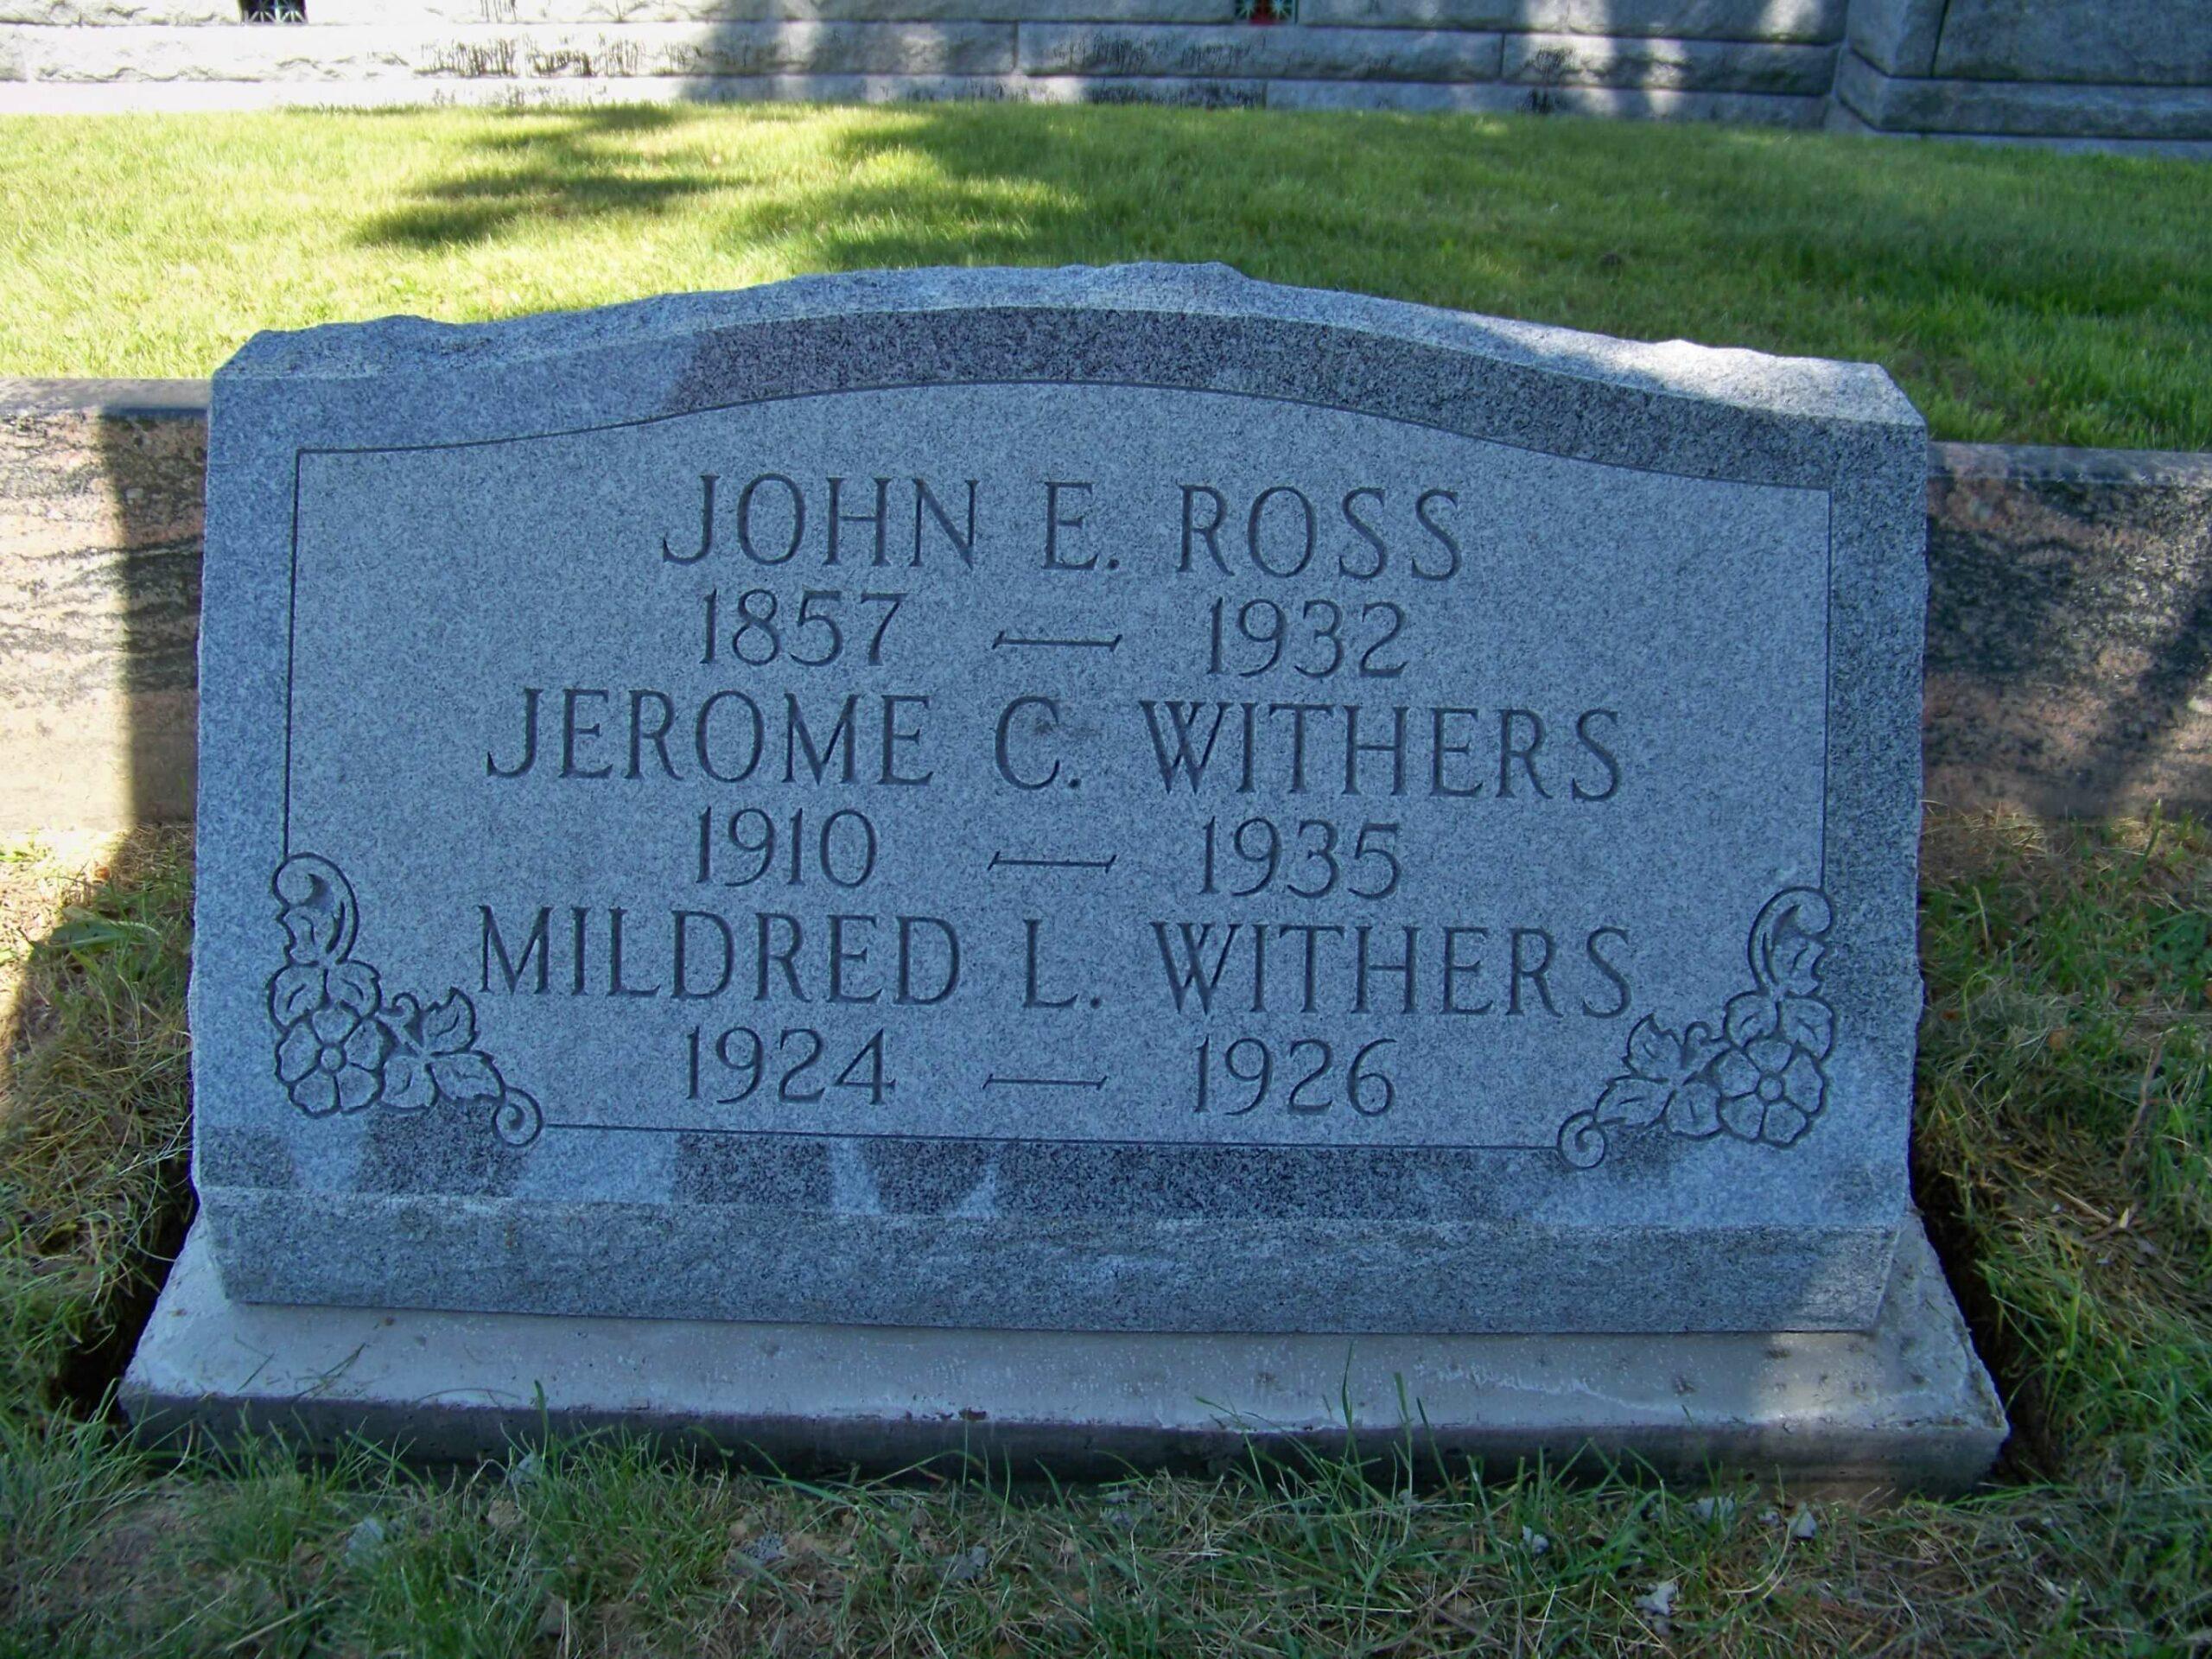 Ross, John